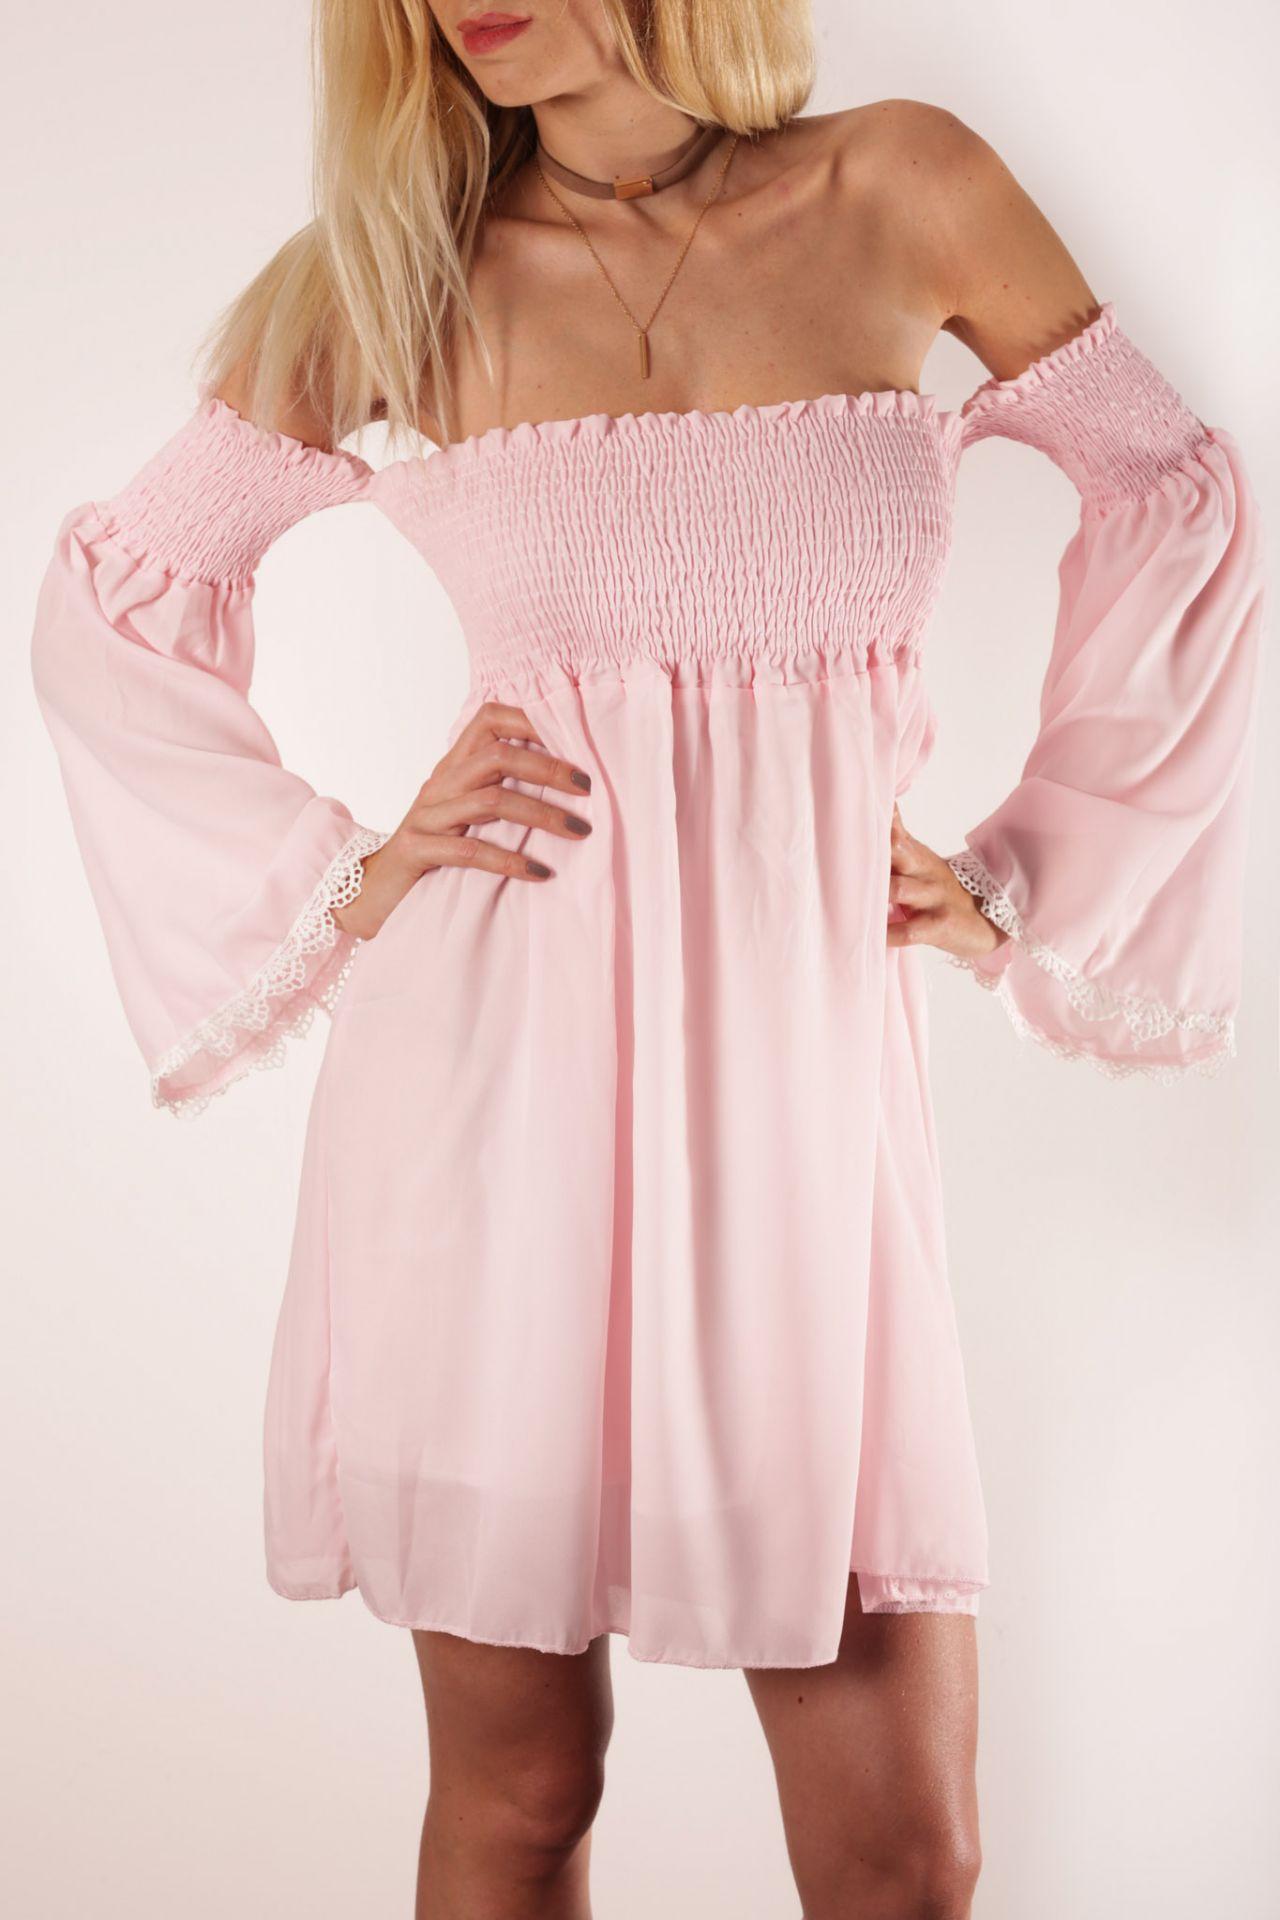 Plážové šifónové šaty Think pink!